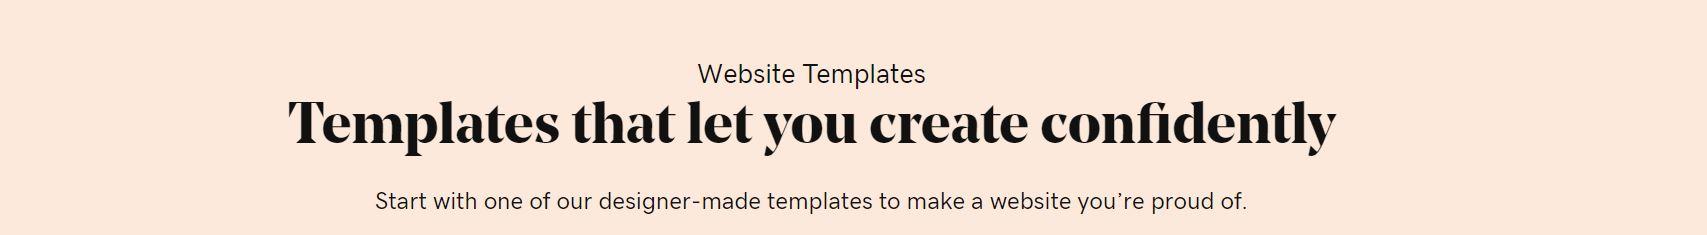 Existen diferentes plantillas hechas y disponibles para tu web en los website builders.